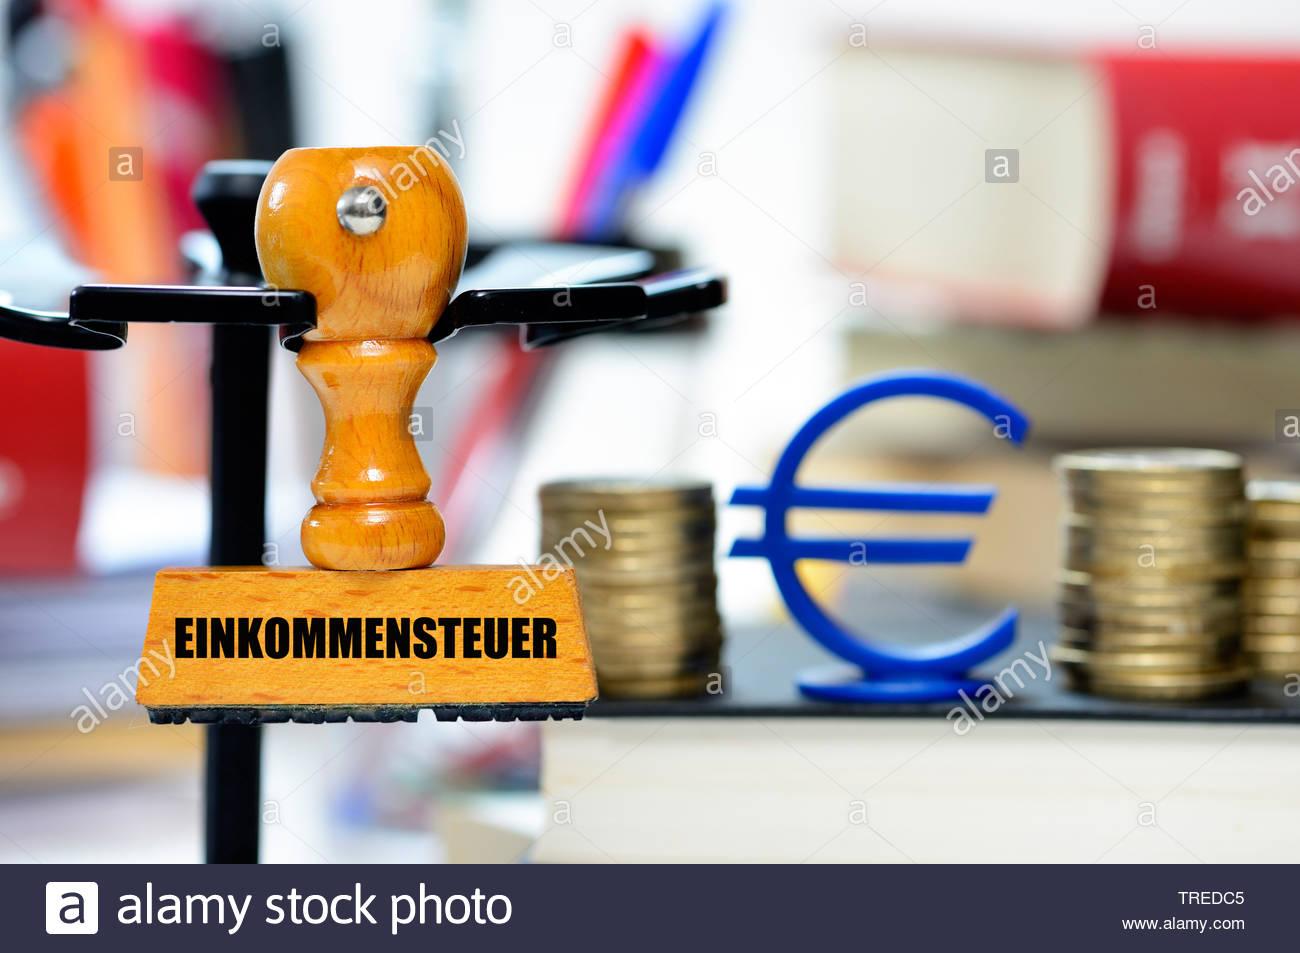 Stempel mit Aufschrift EINKOMMENSSTEUER vor einem Eurozeichen und Euro-Muenzen, Bundesrepublik Deutschland | Stamp lettering EINKOMMENSSTEUER (income - Stock Image